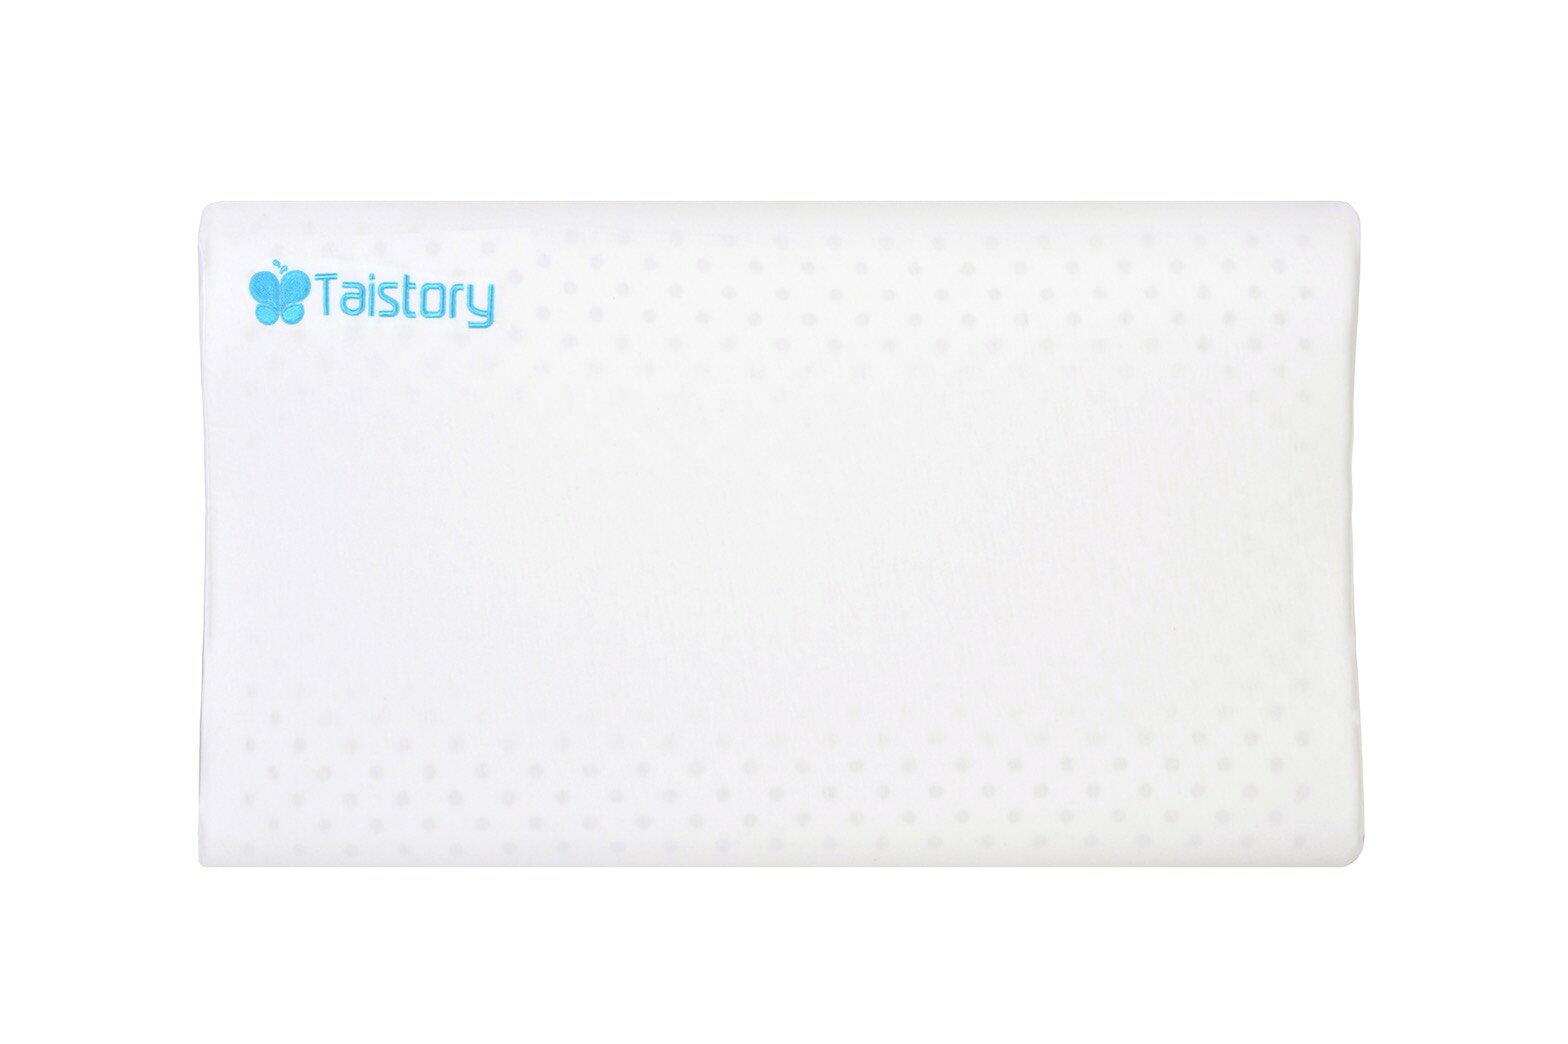 泰之語 TAISTORY 天然乳膠丨 (矮款)高低波浪平面枕 TS004丨天然乳膠含量達93.5%全球第一丨SGS︱工研院︱泰國橡膠局丨中國科學院丨HAP認証★總代理公司貨★附高級純綿枕套♥附商品保證卡 尺寸:58*37*8 / 10cm 1